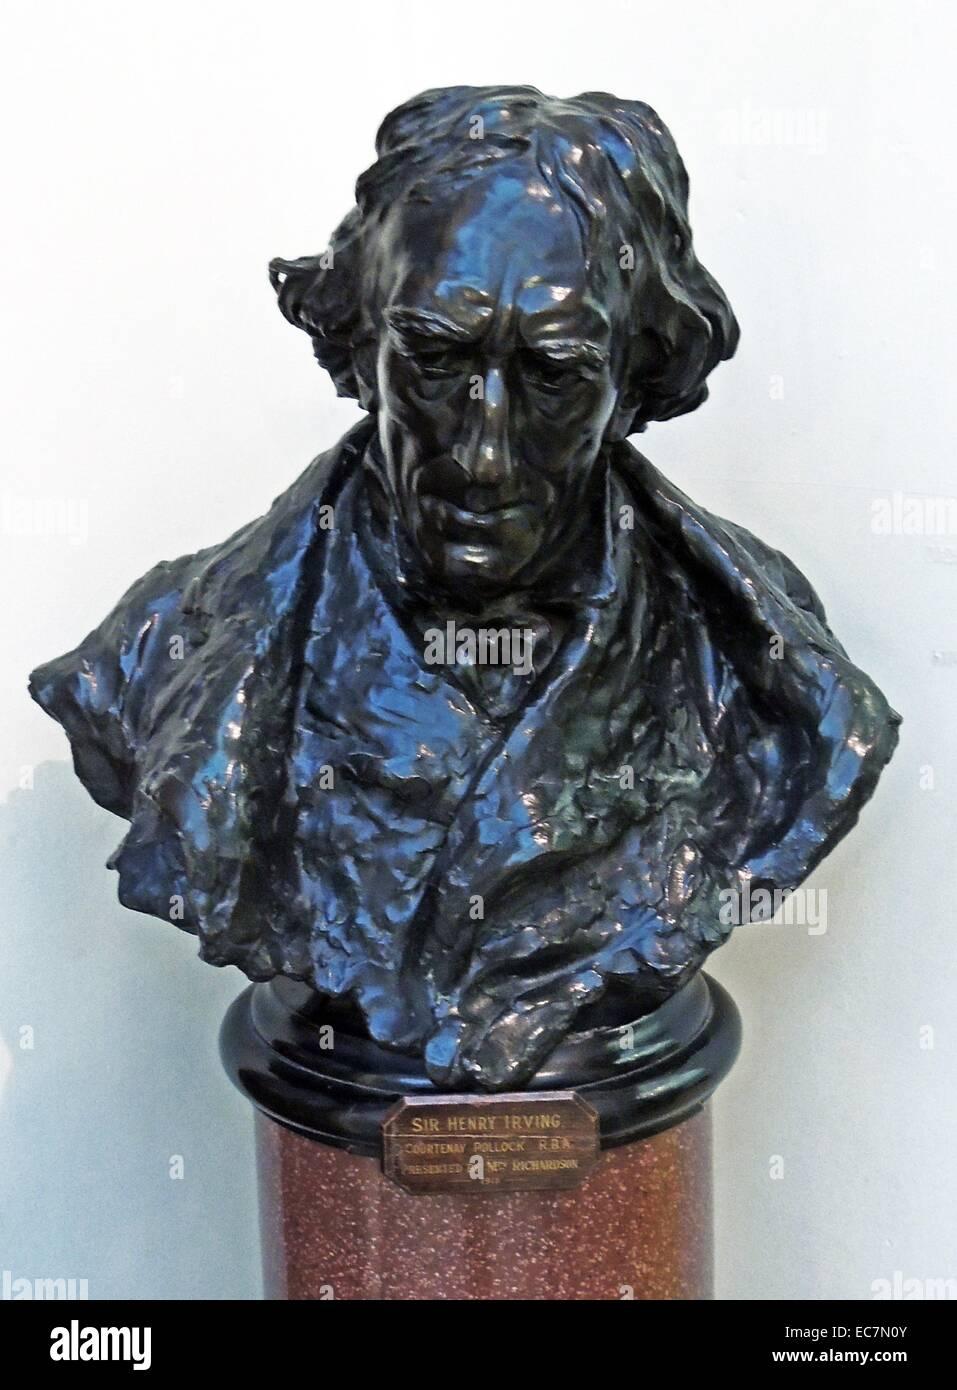 Sir Henry Irving born John Henry Brodribb. - Stock Image